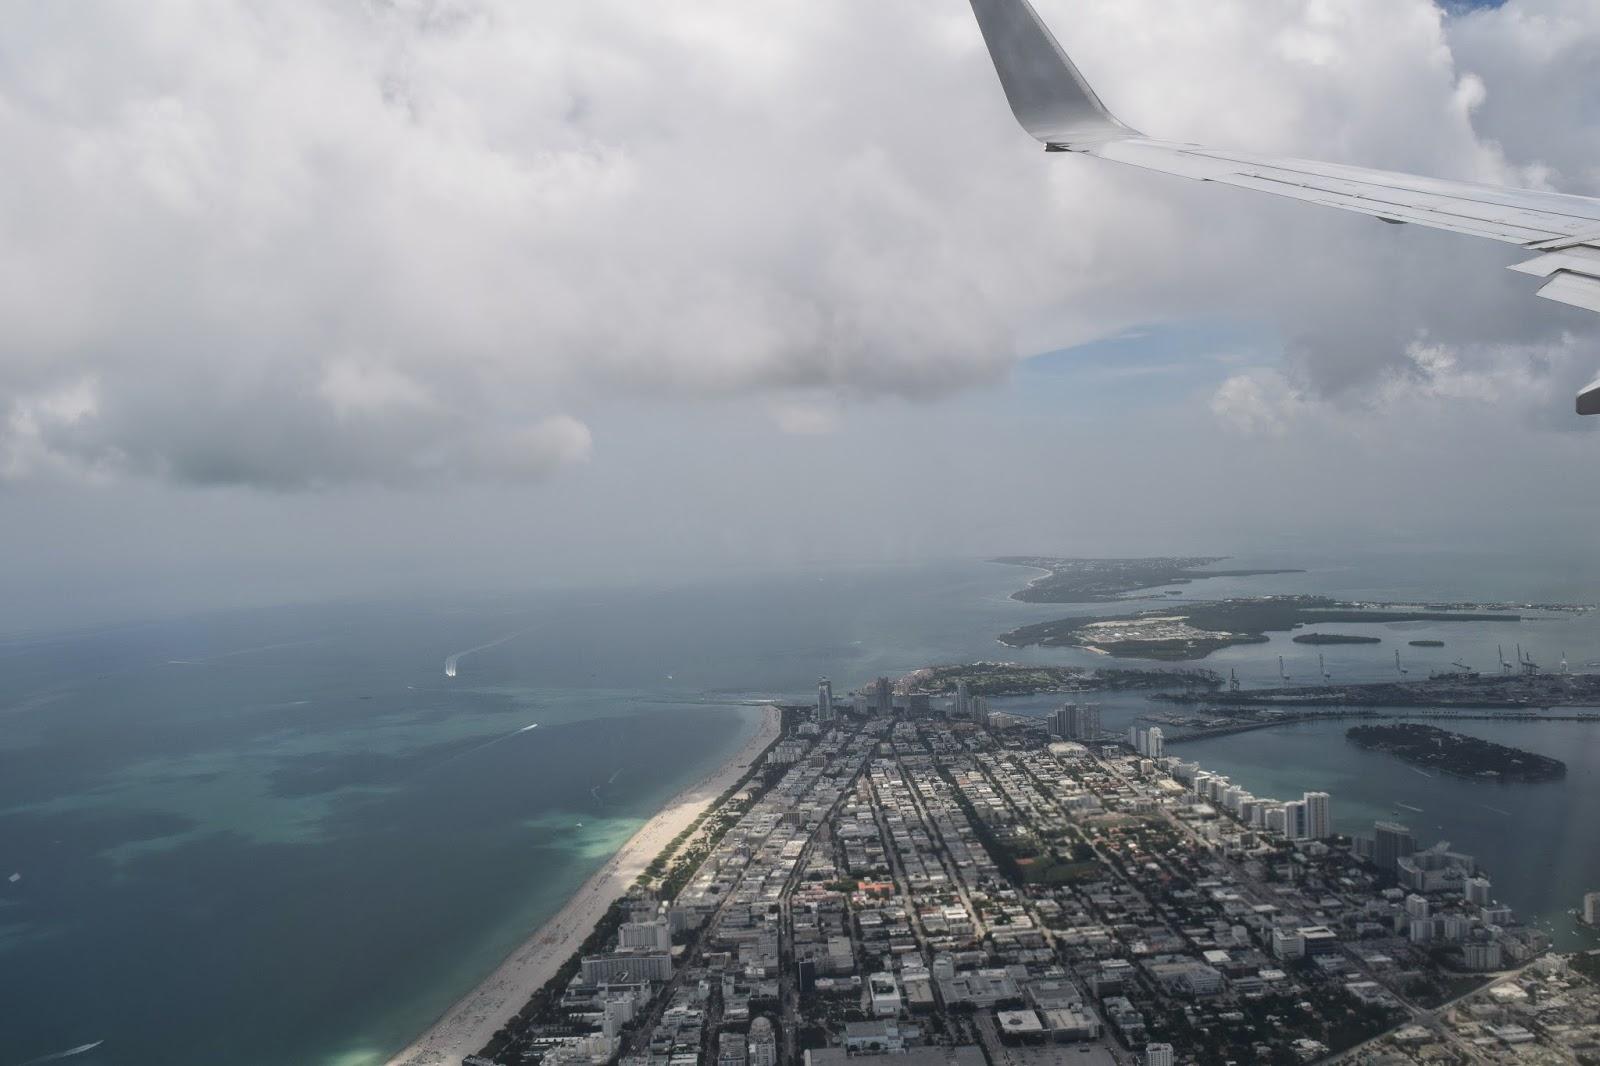 Miami, Miami South Beach, travel